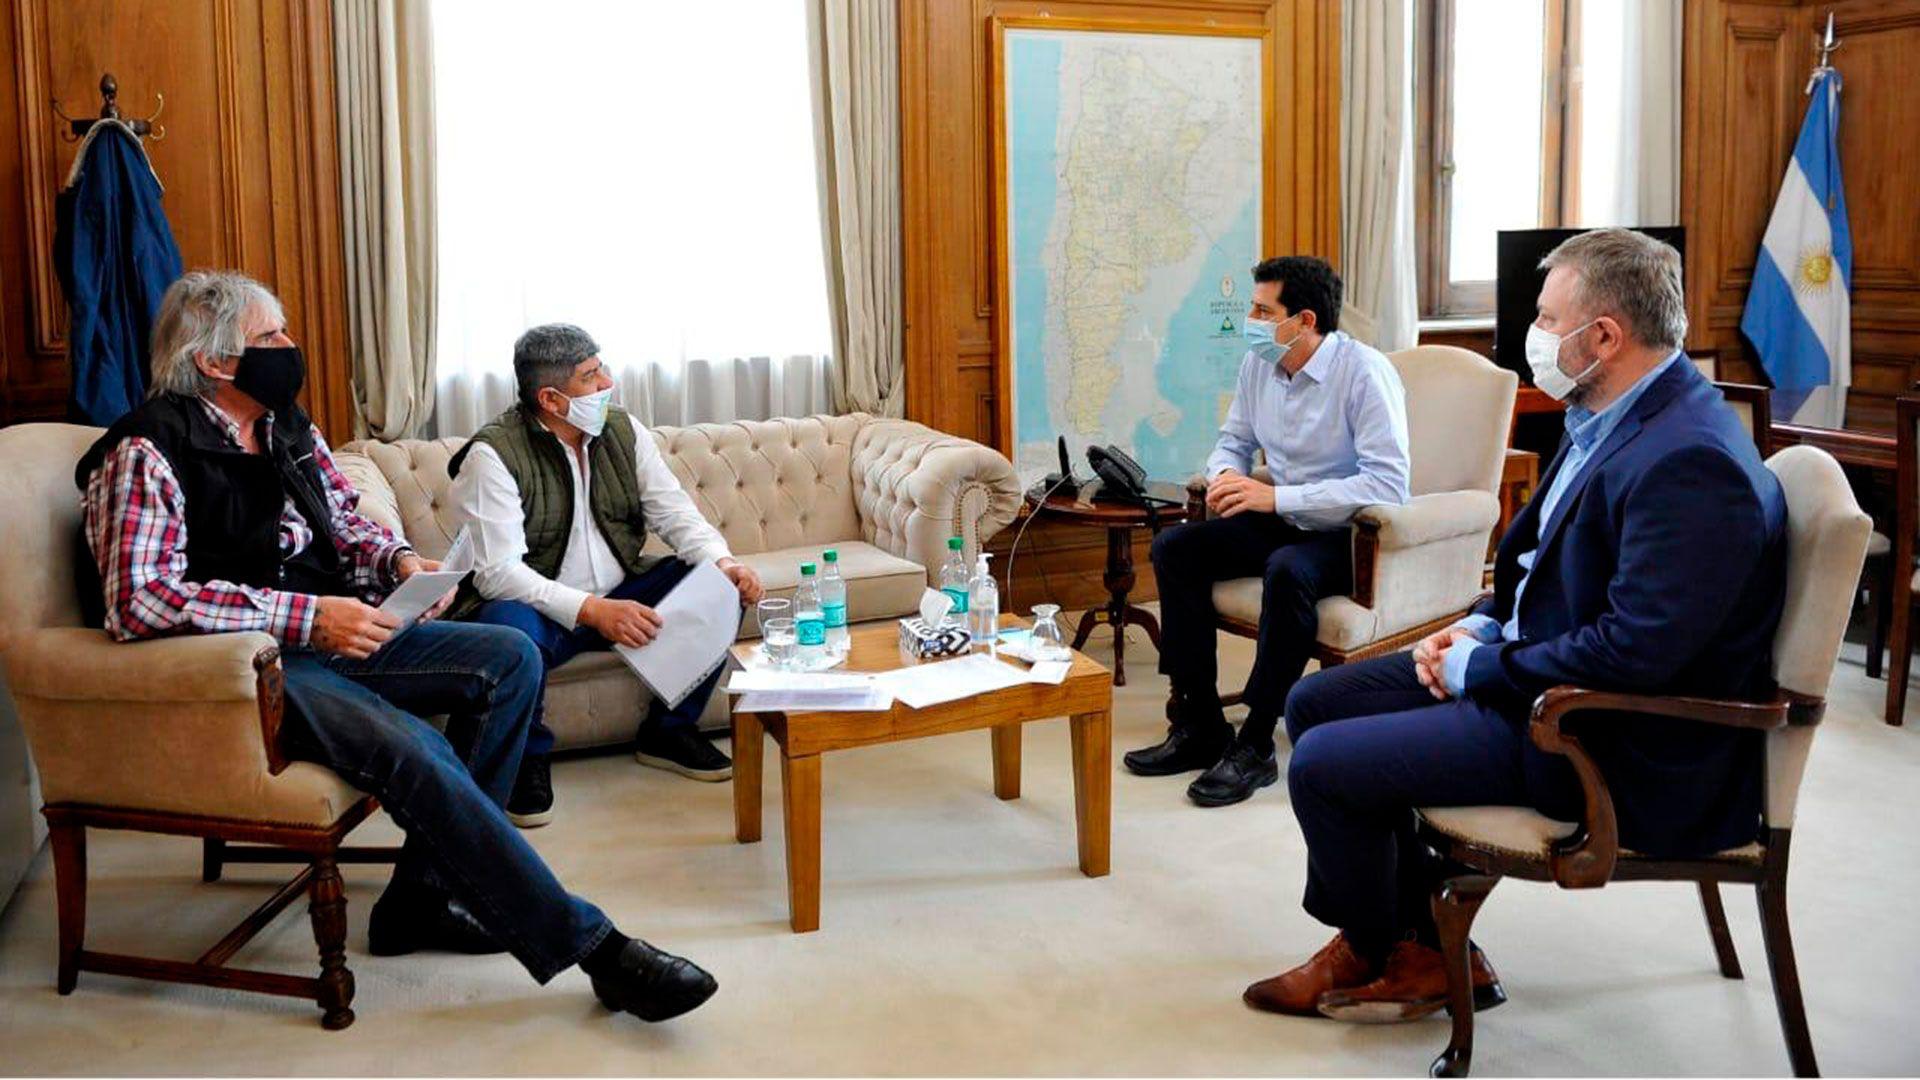 El ministro del Interior, Eduardo Wado de Pedro, recibió al sindicalista Pablo Moyano en la Casa Rosada